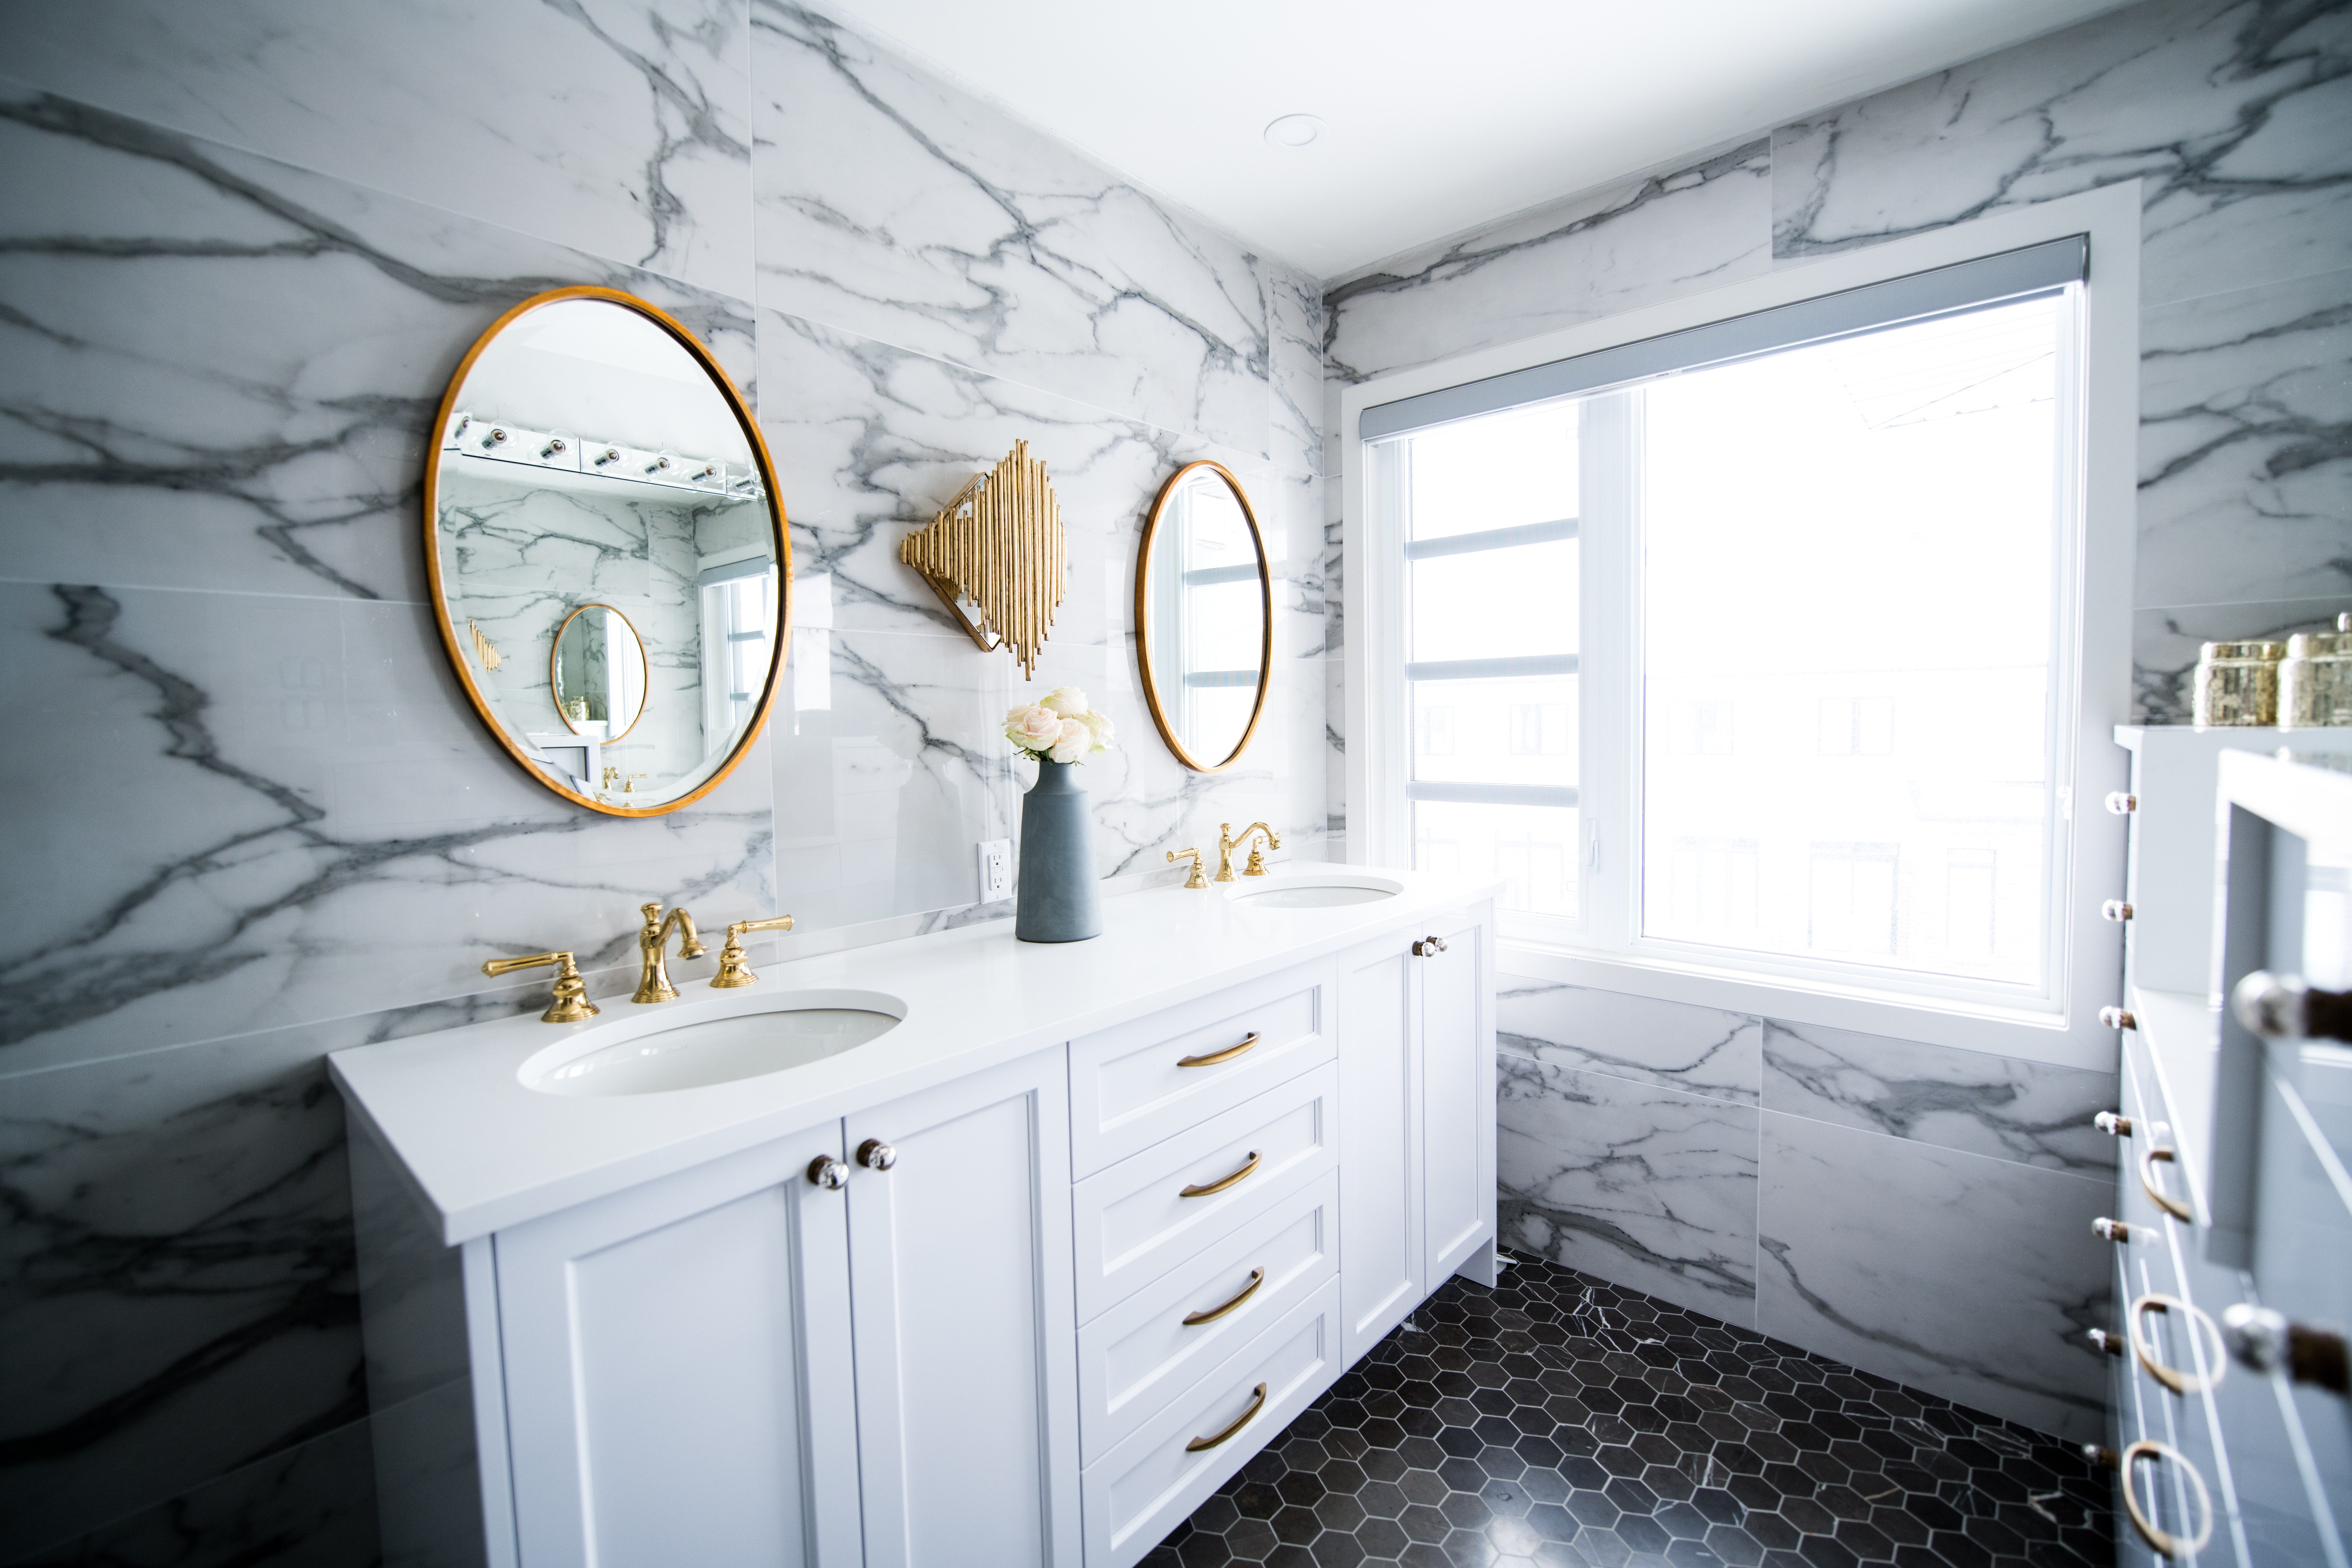 As Good as New: 4 Bathroom Vanity Maintenance Tips